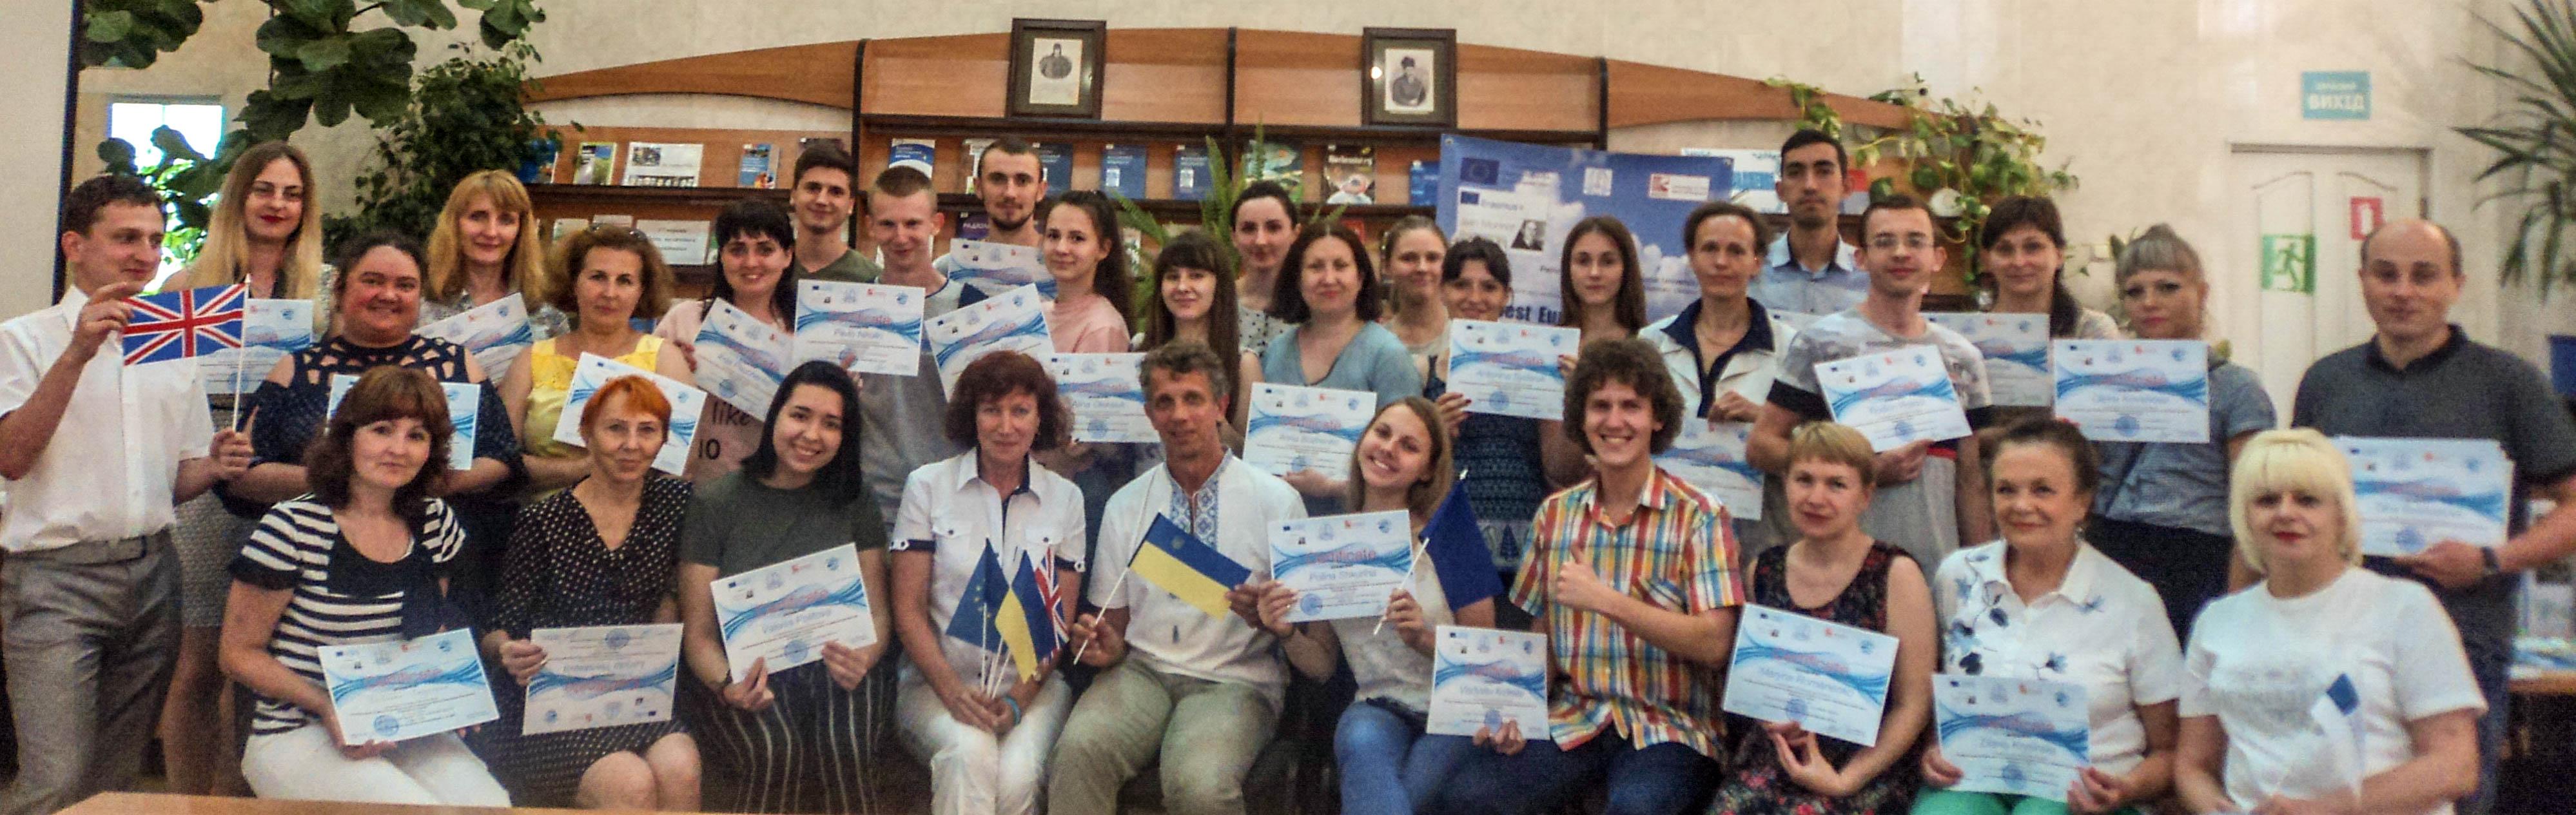 IWSN Director presents at Water Security Summer School in Ukraine